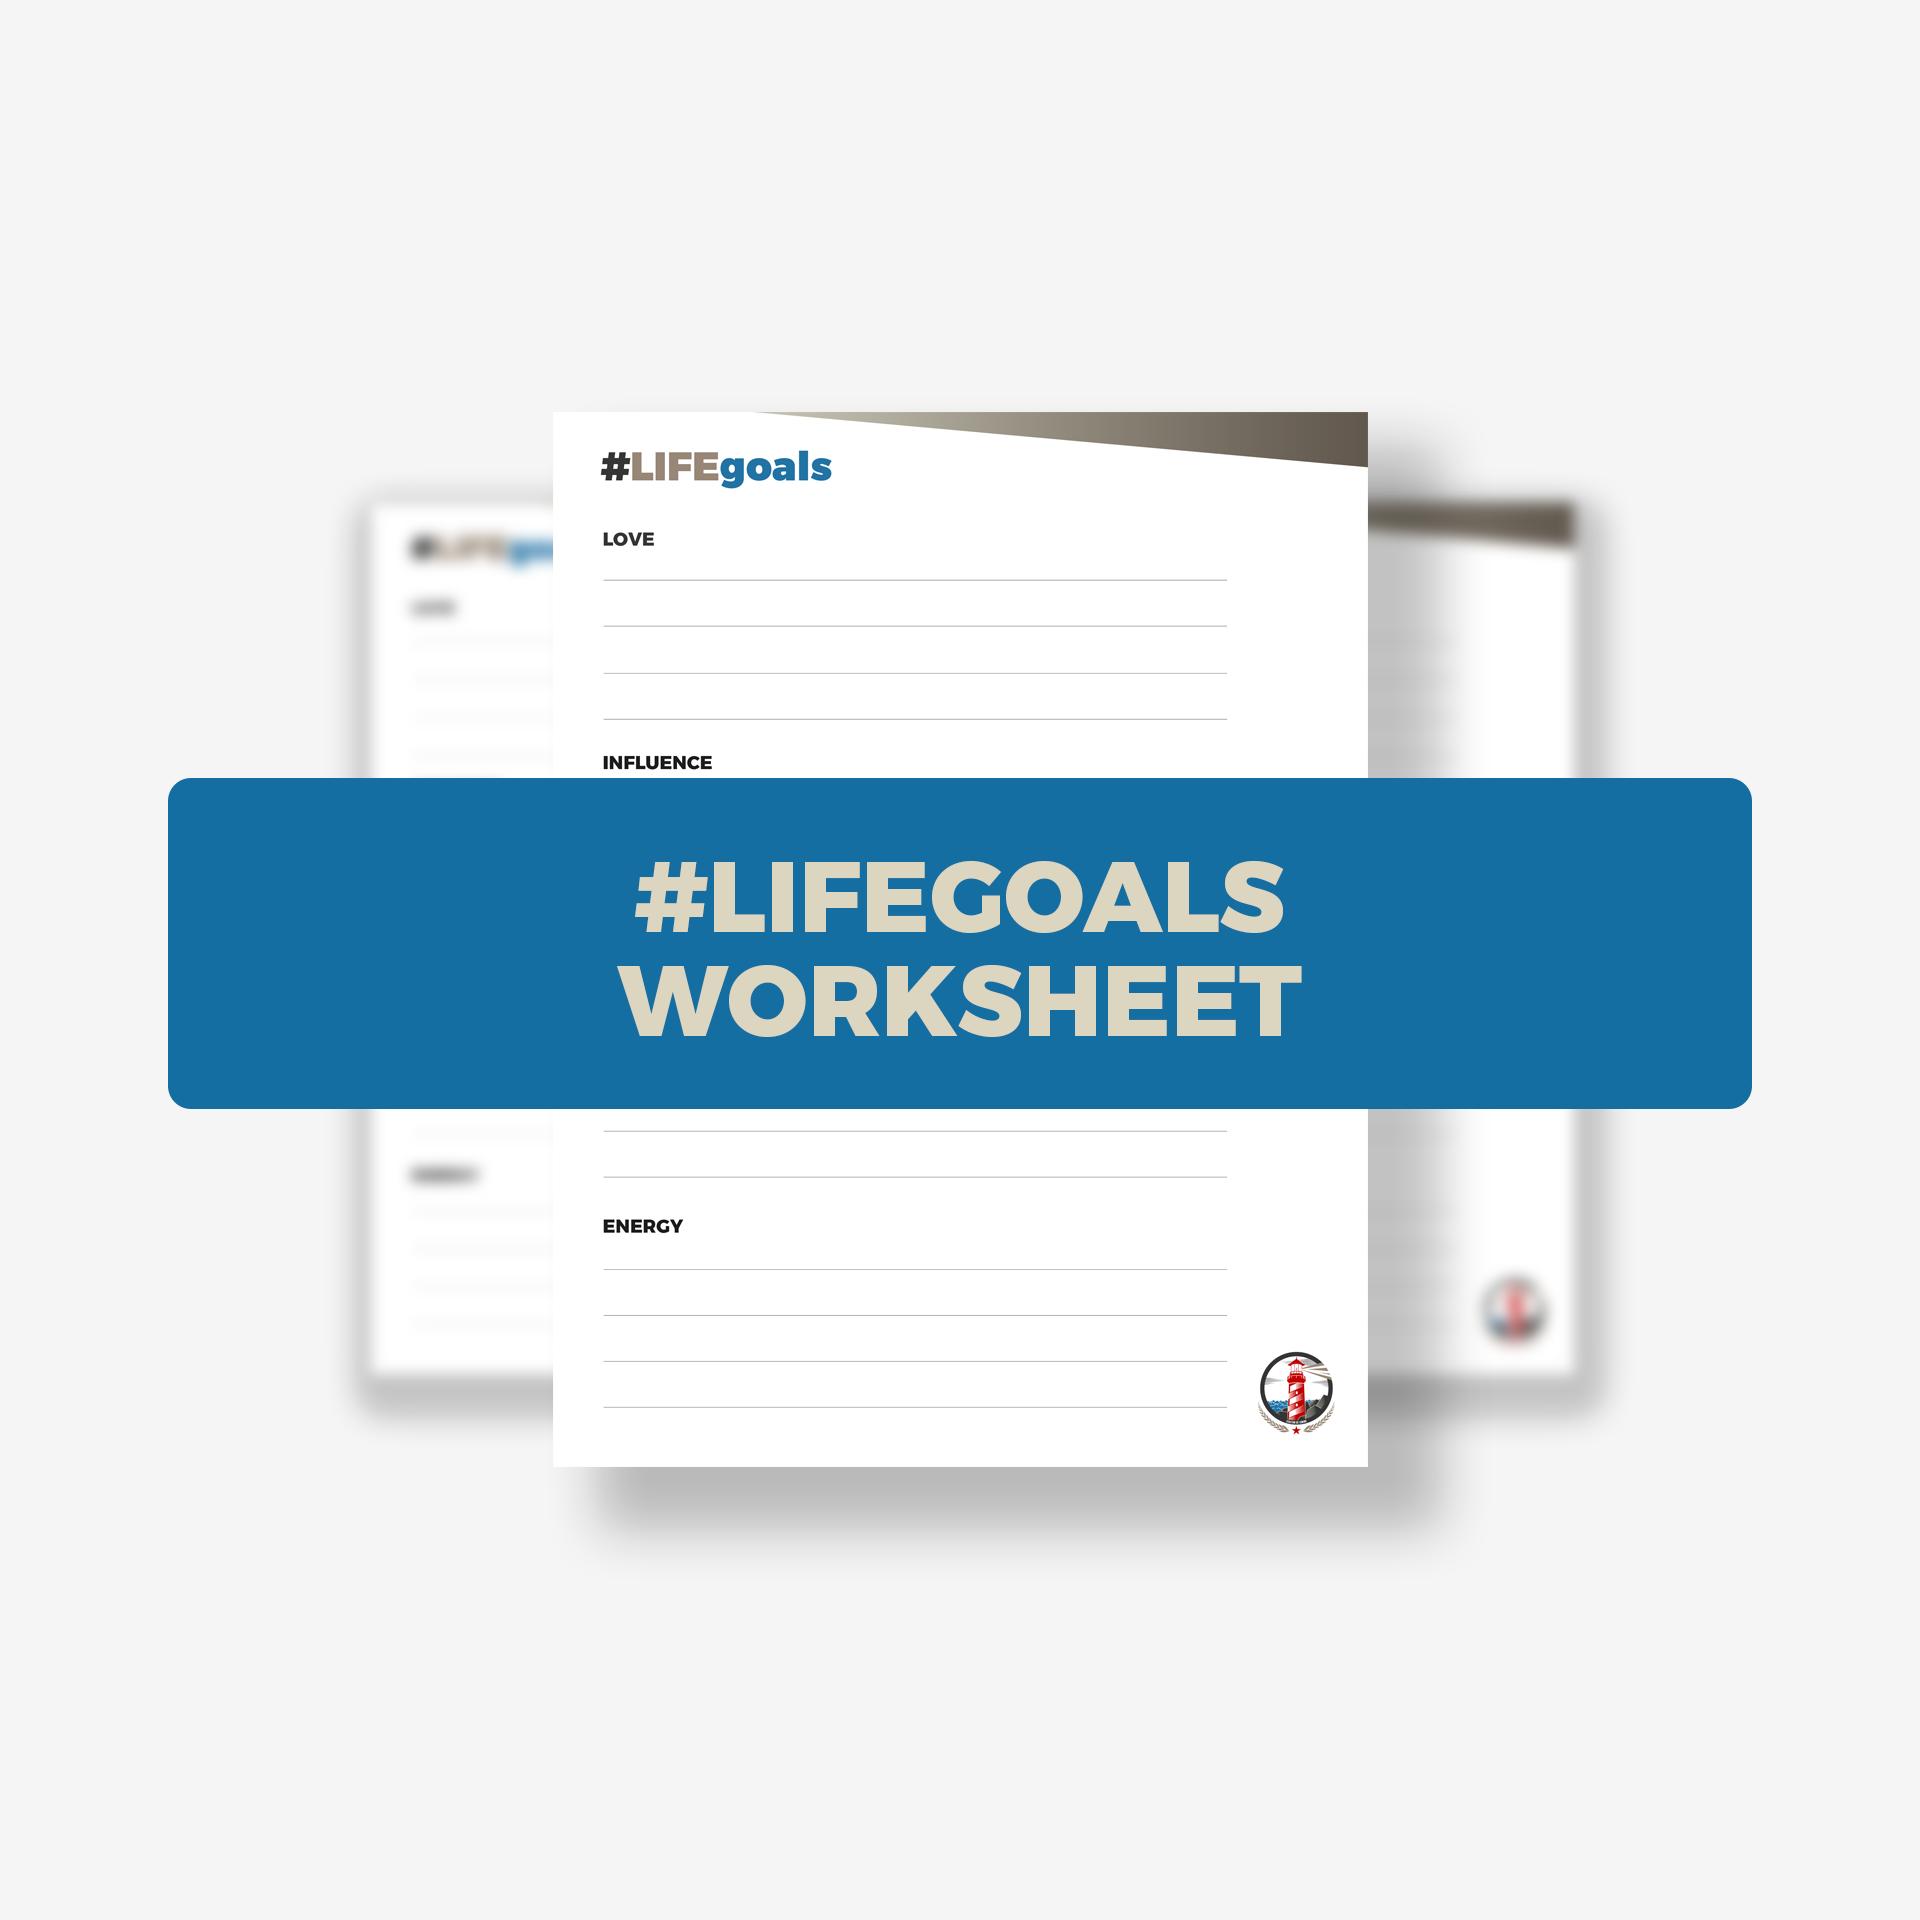 LIFEgoals Worksheet.png